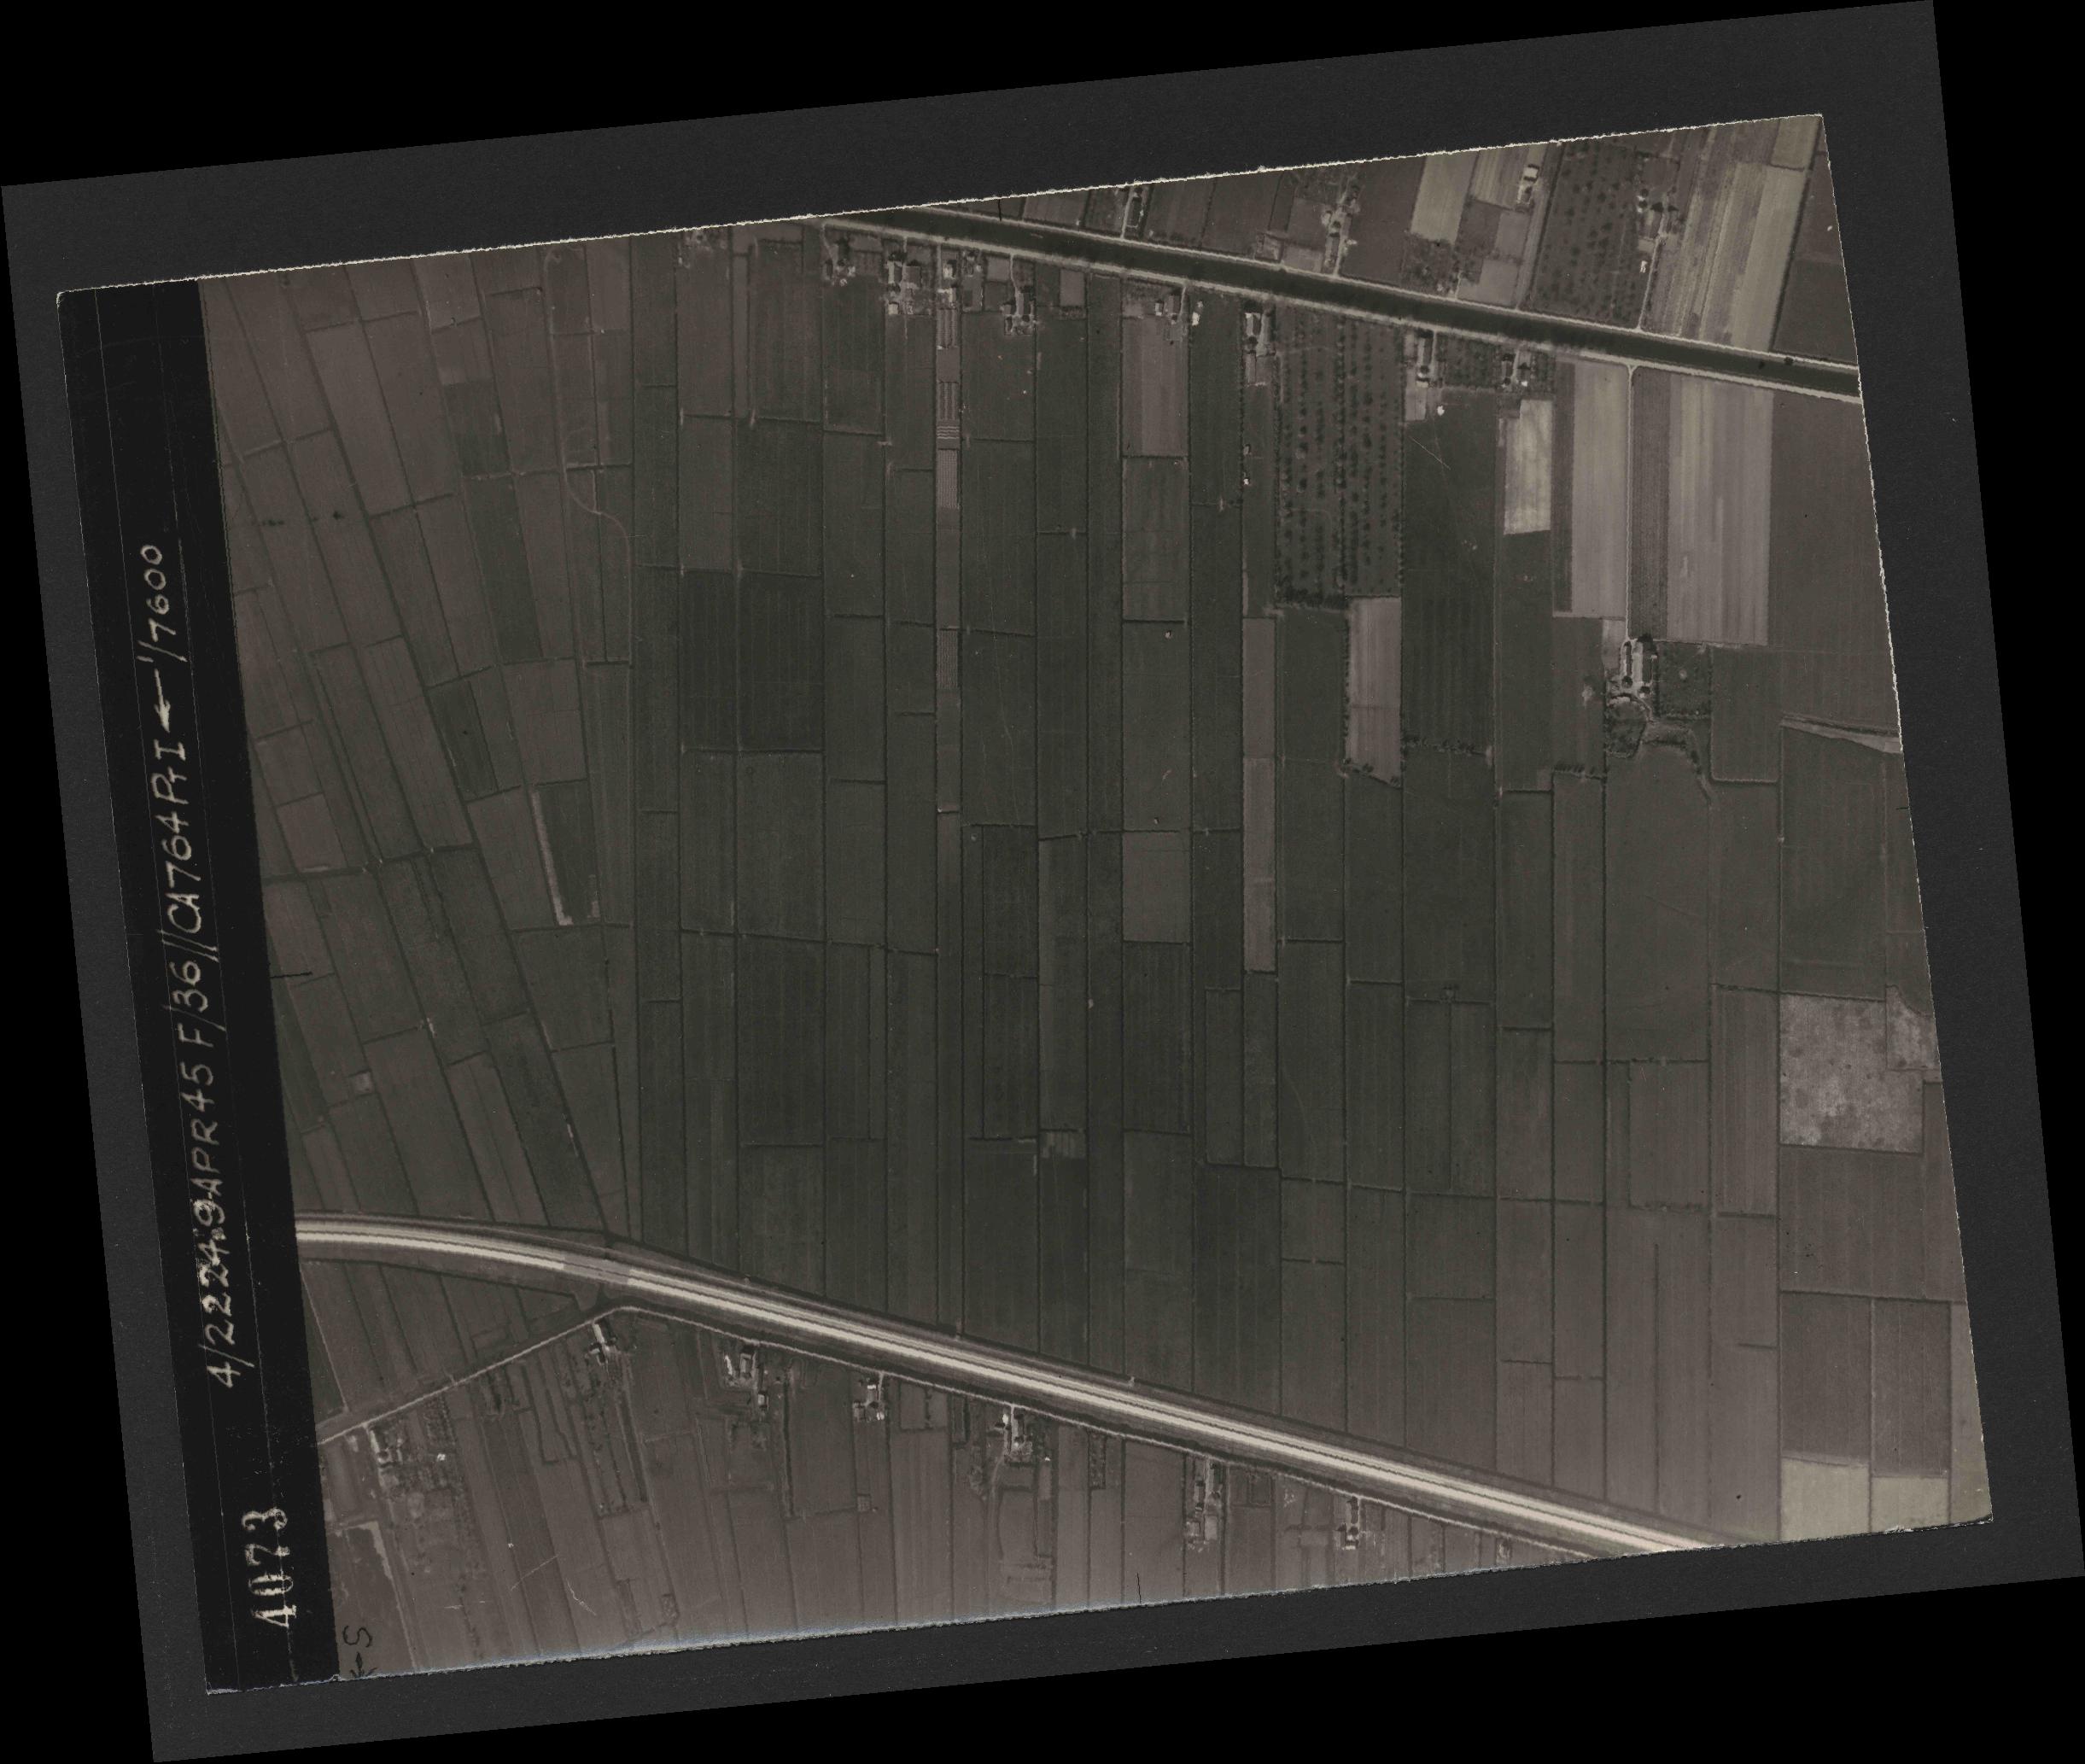 Collection RAF aerial photos 1940-1945 - flight 271, run 21, photo 4073